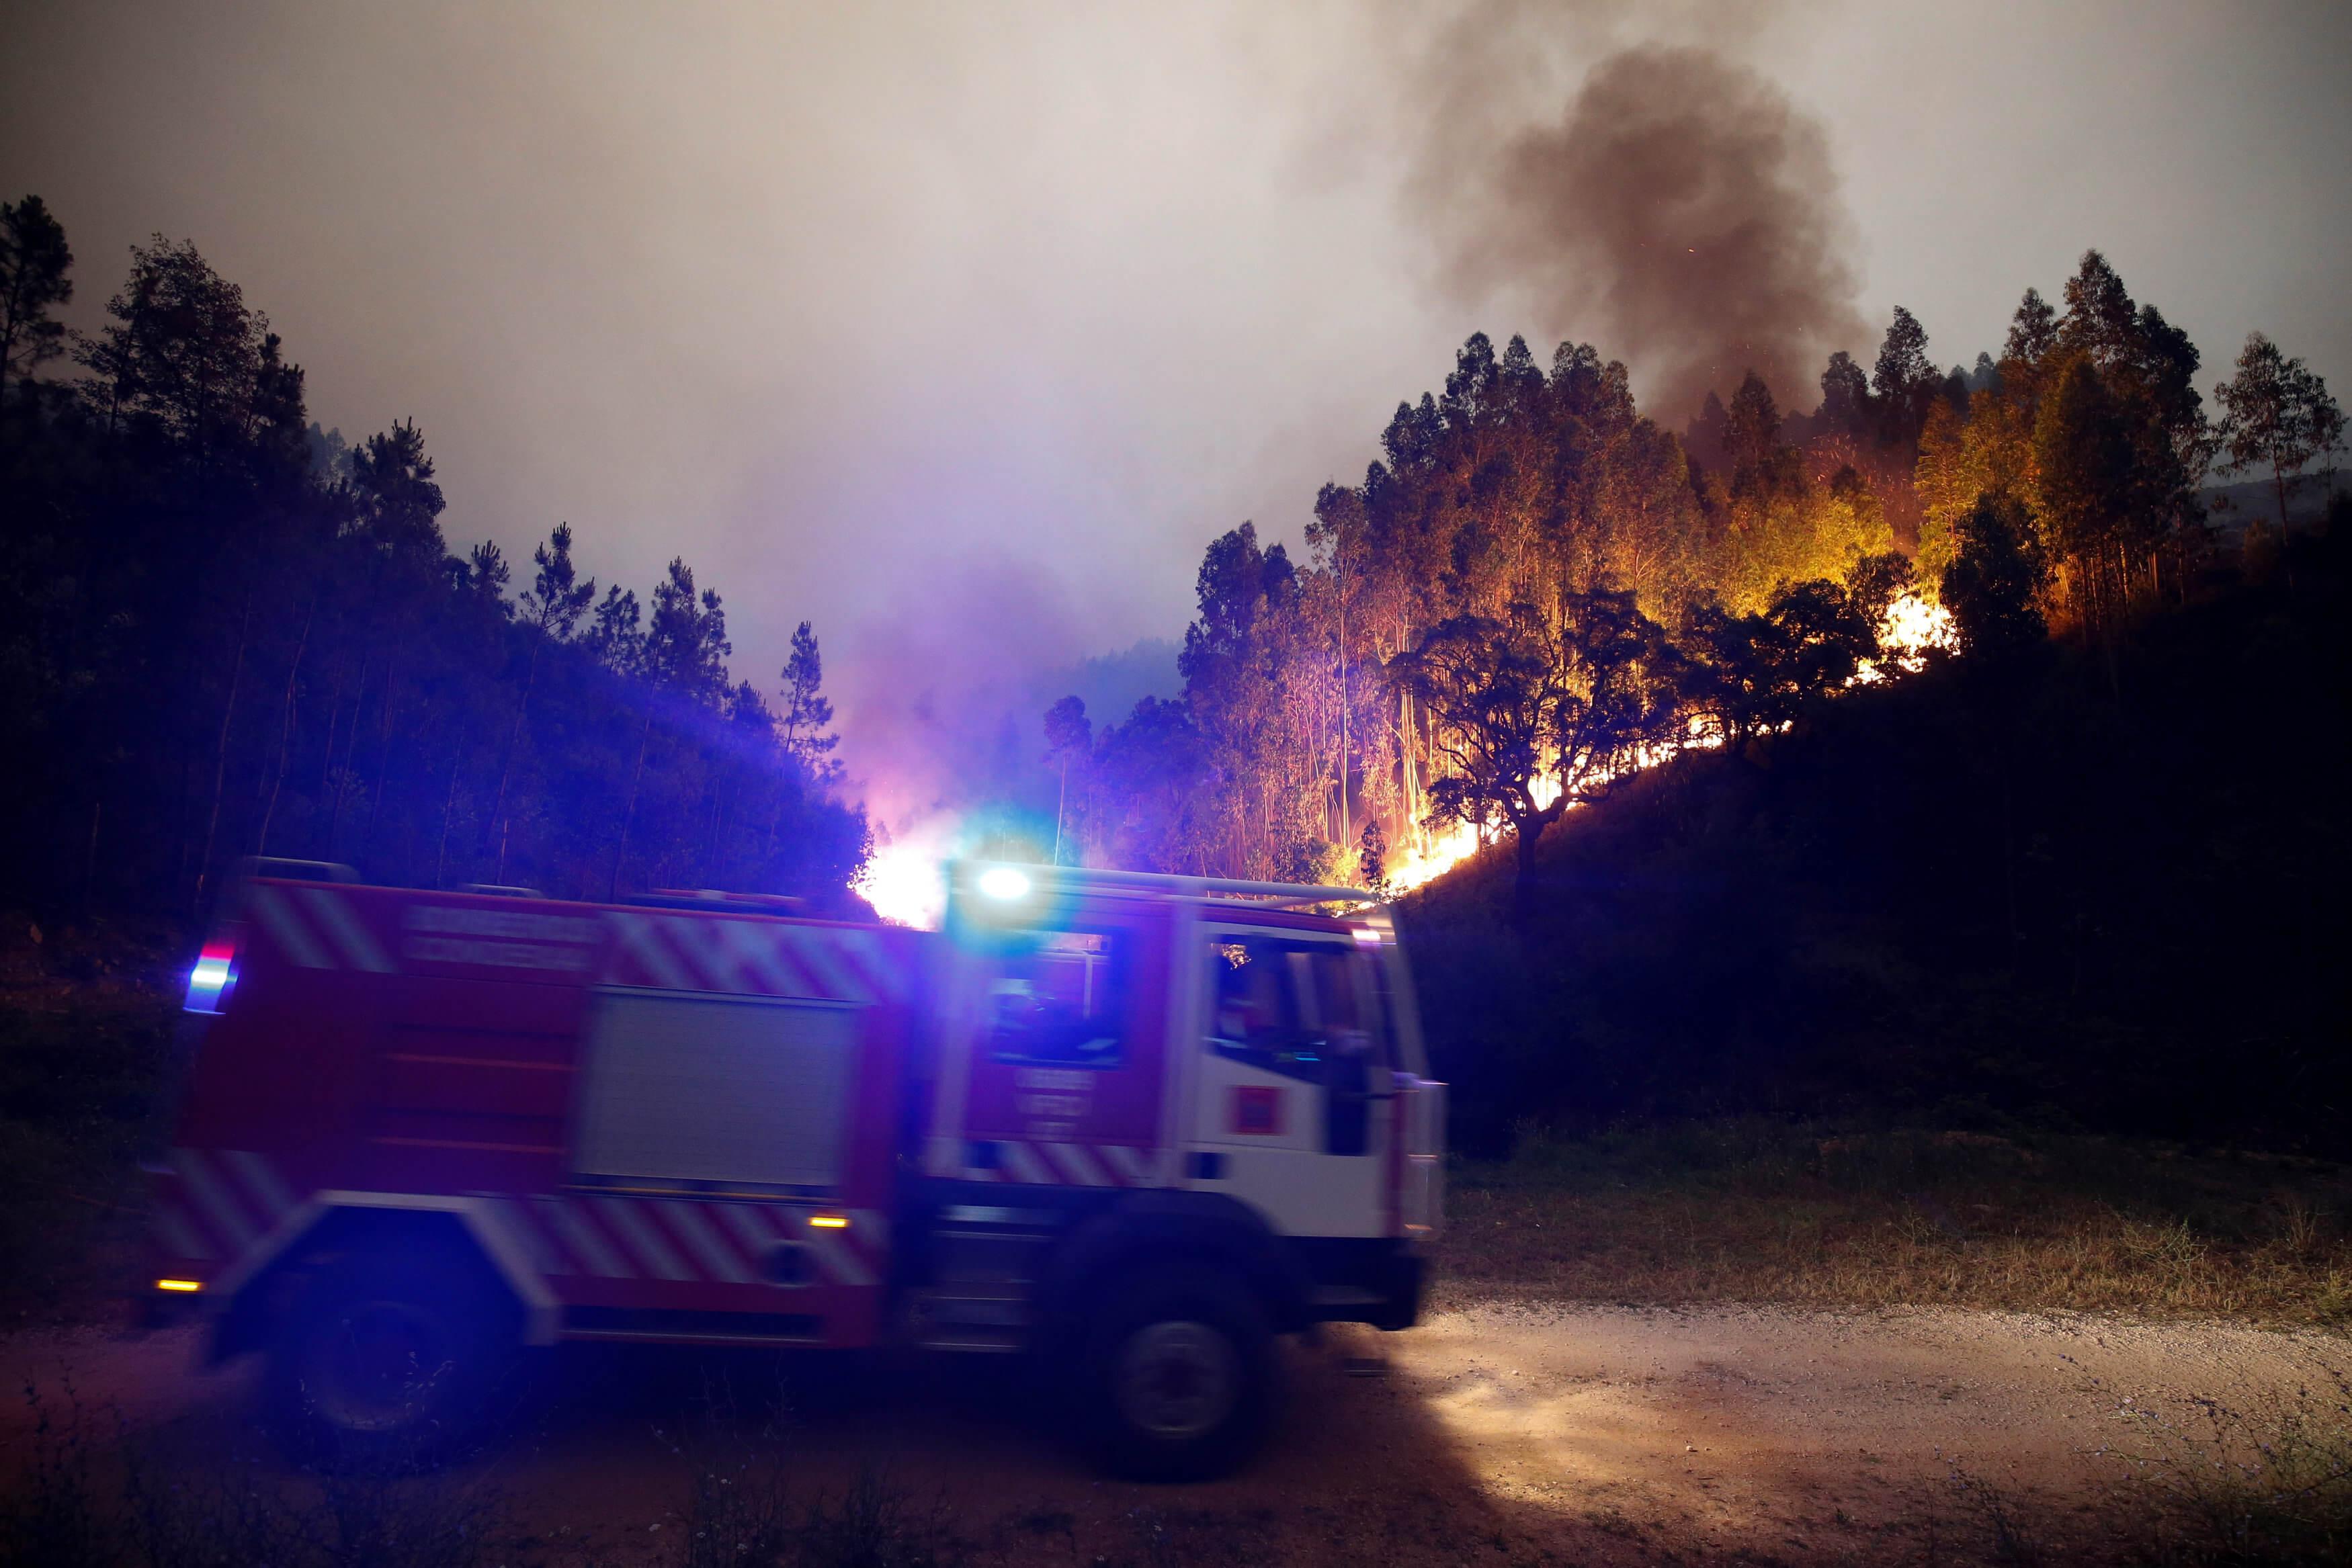 Guatemala lamenta el incendio de Portugal y se solidariza con las víctimas